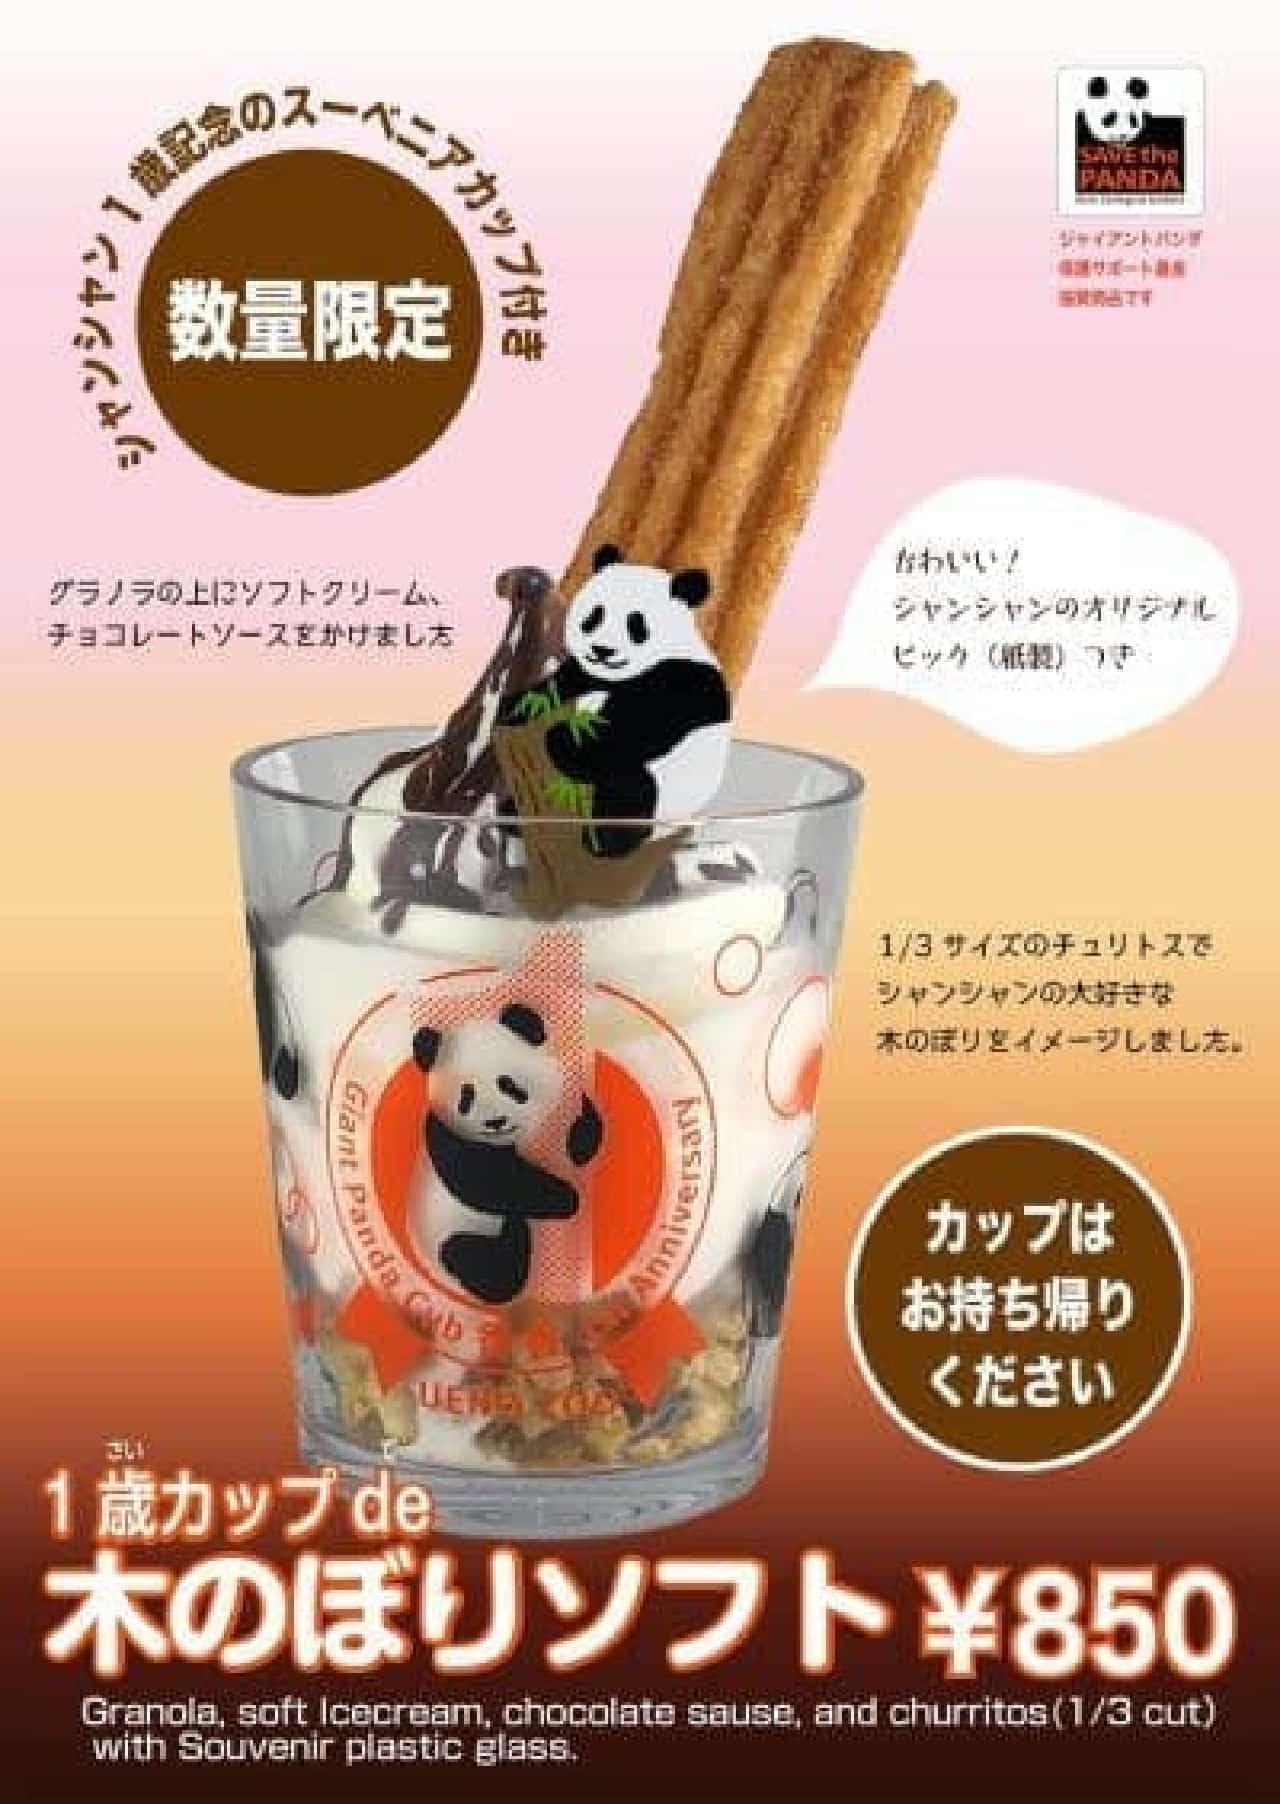 上野動物園「1歳カップde木のぼりソフト」